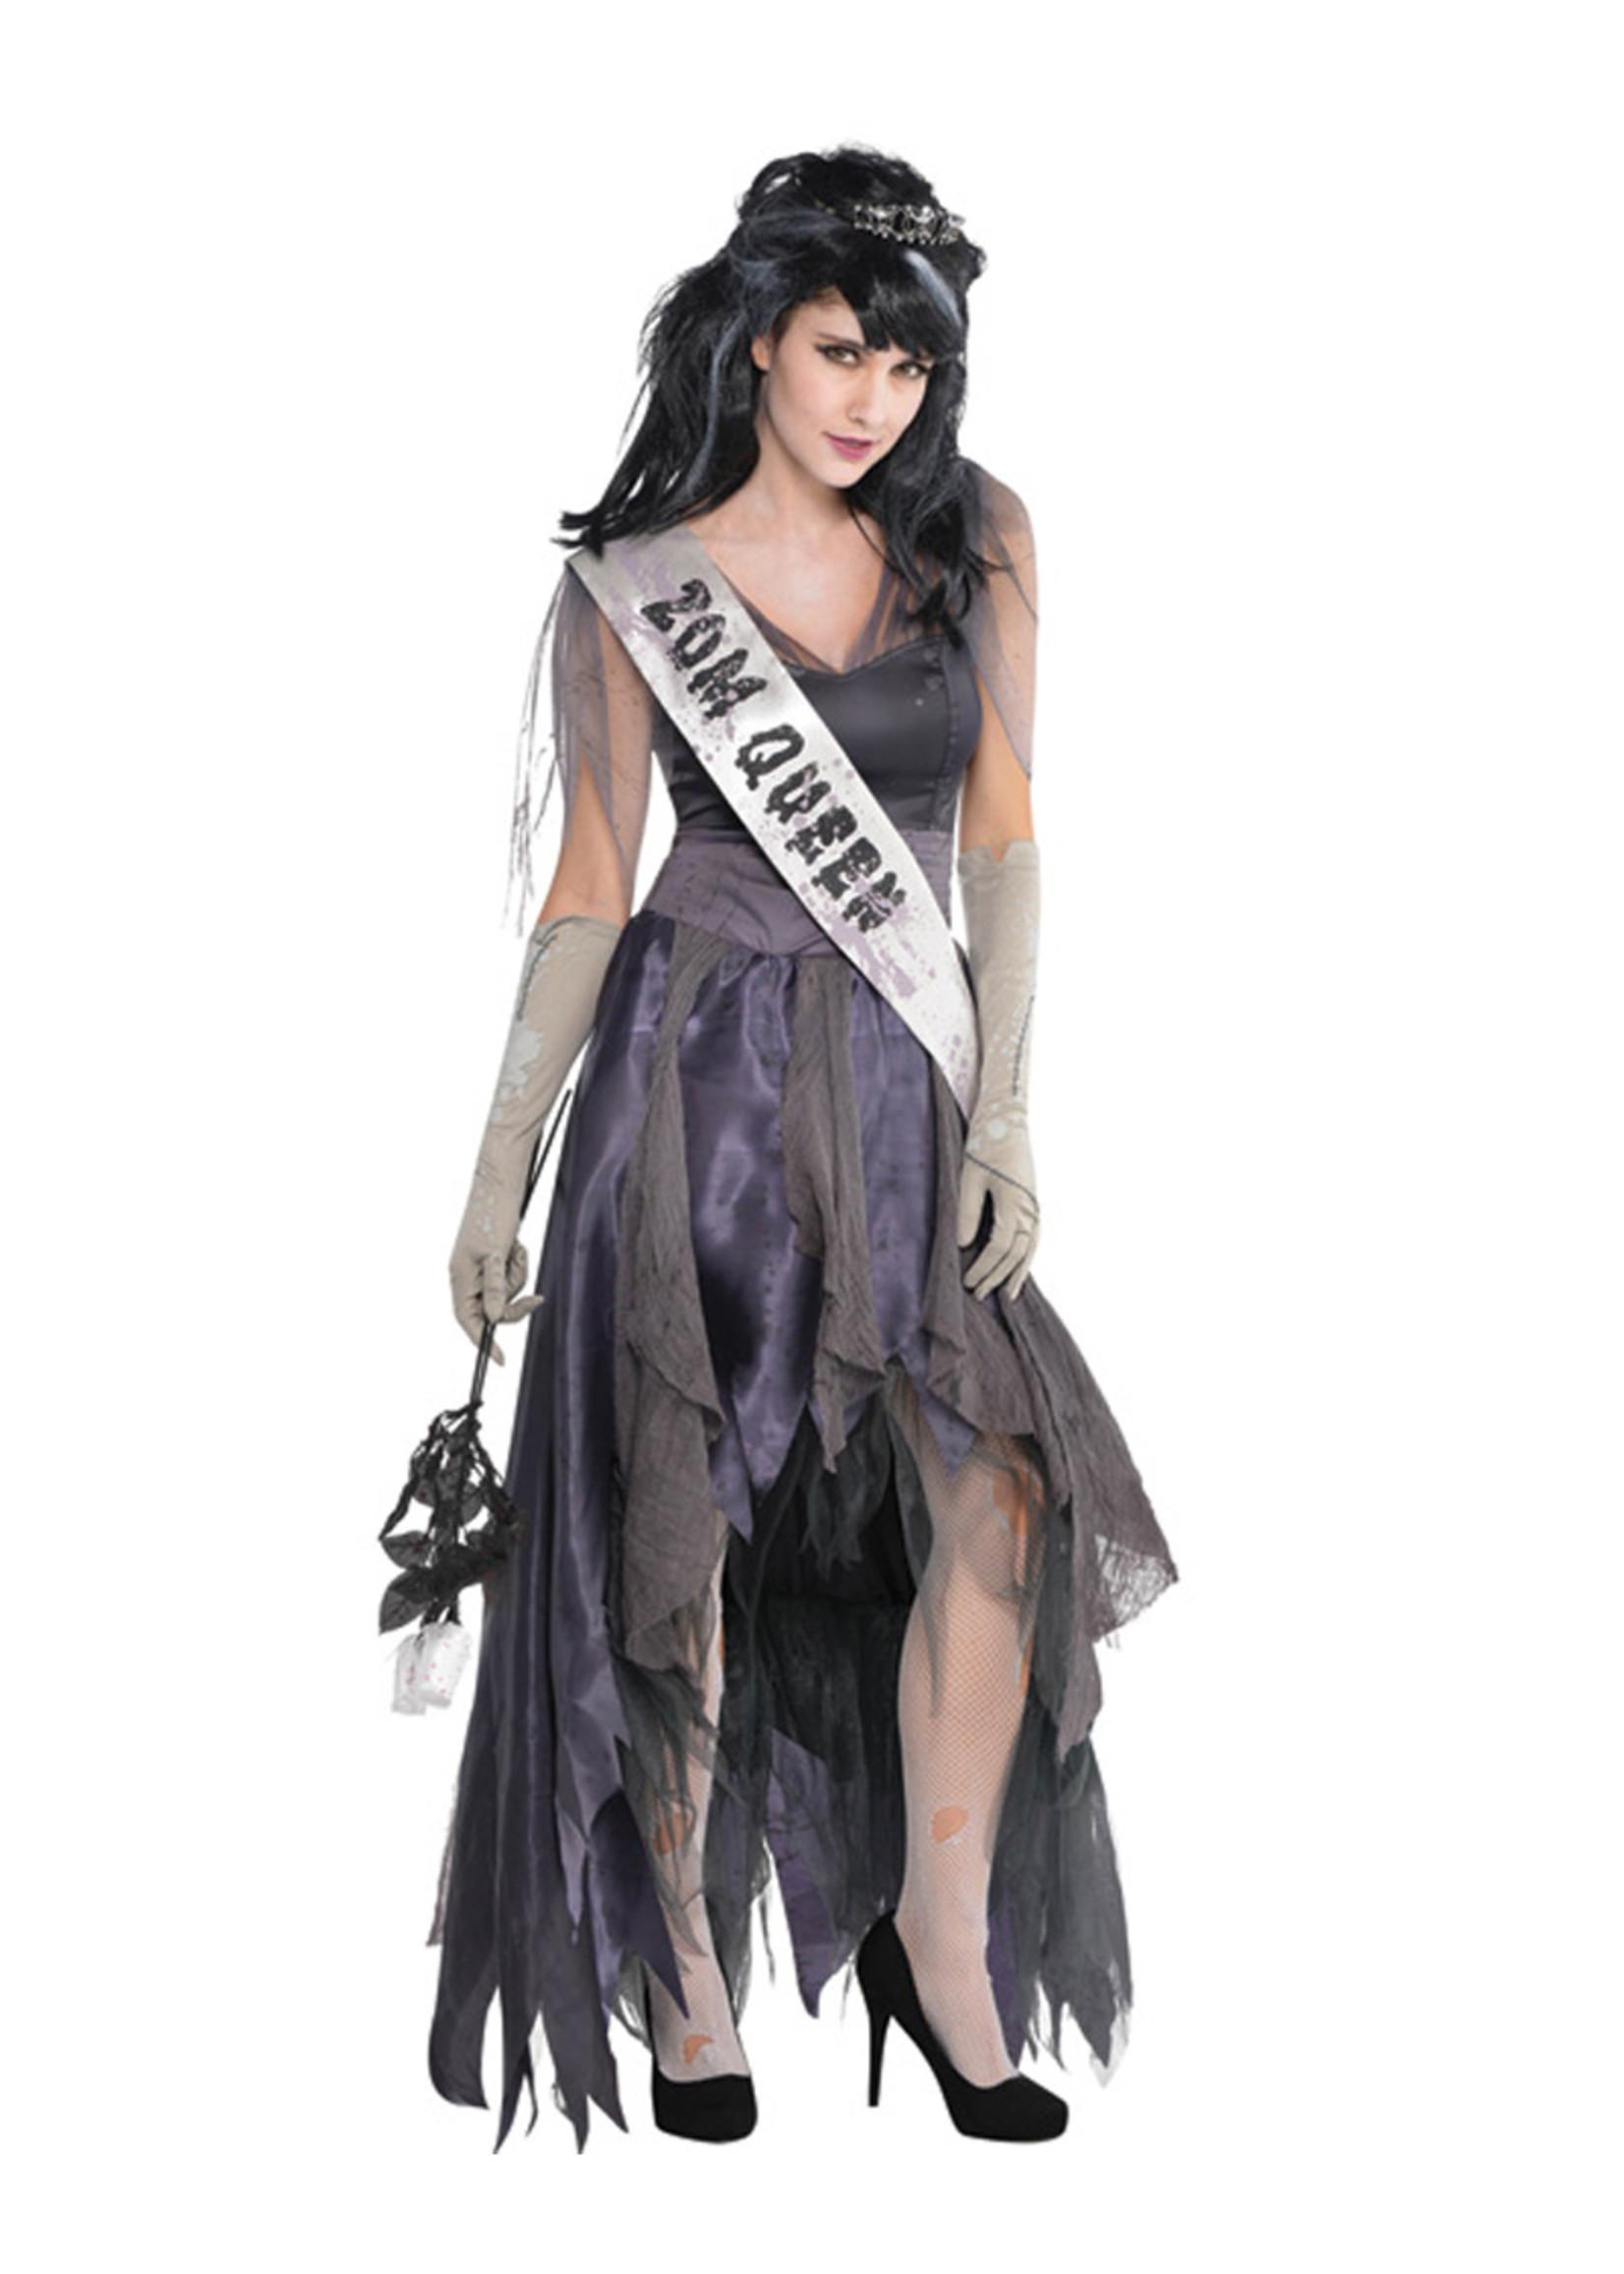 Homecoming Corpse Costume - Women's